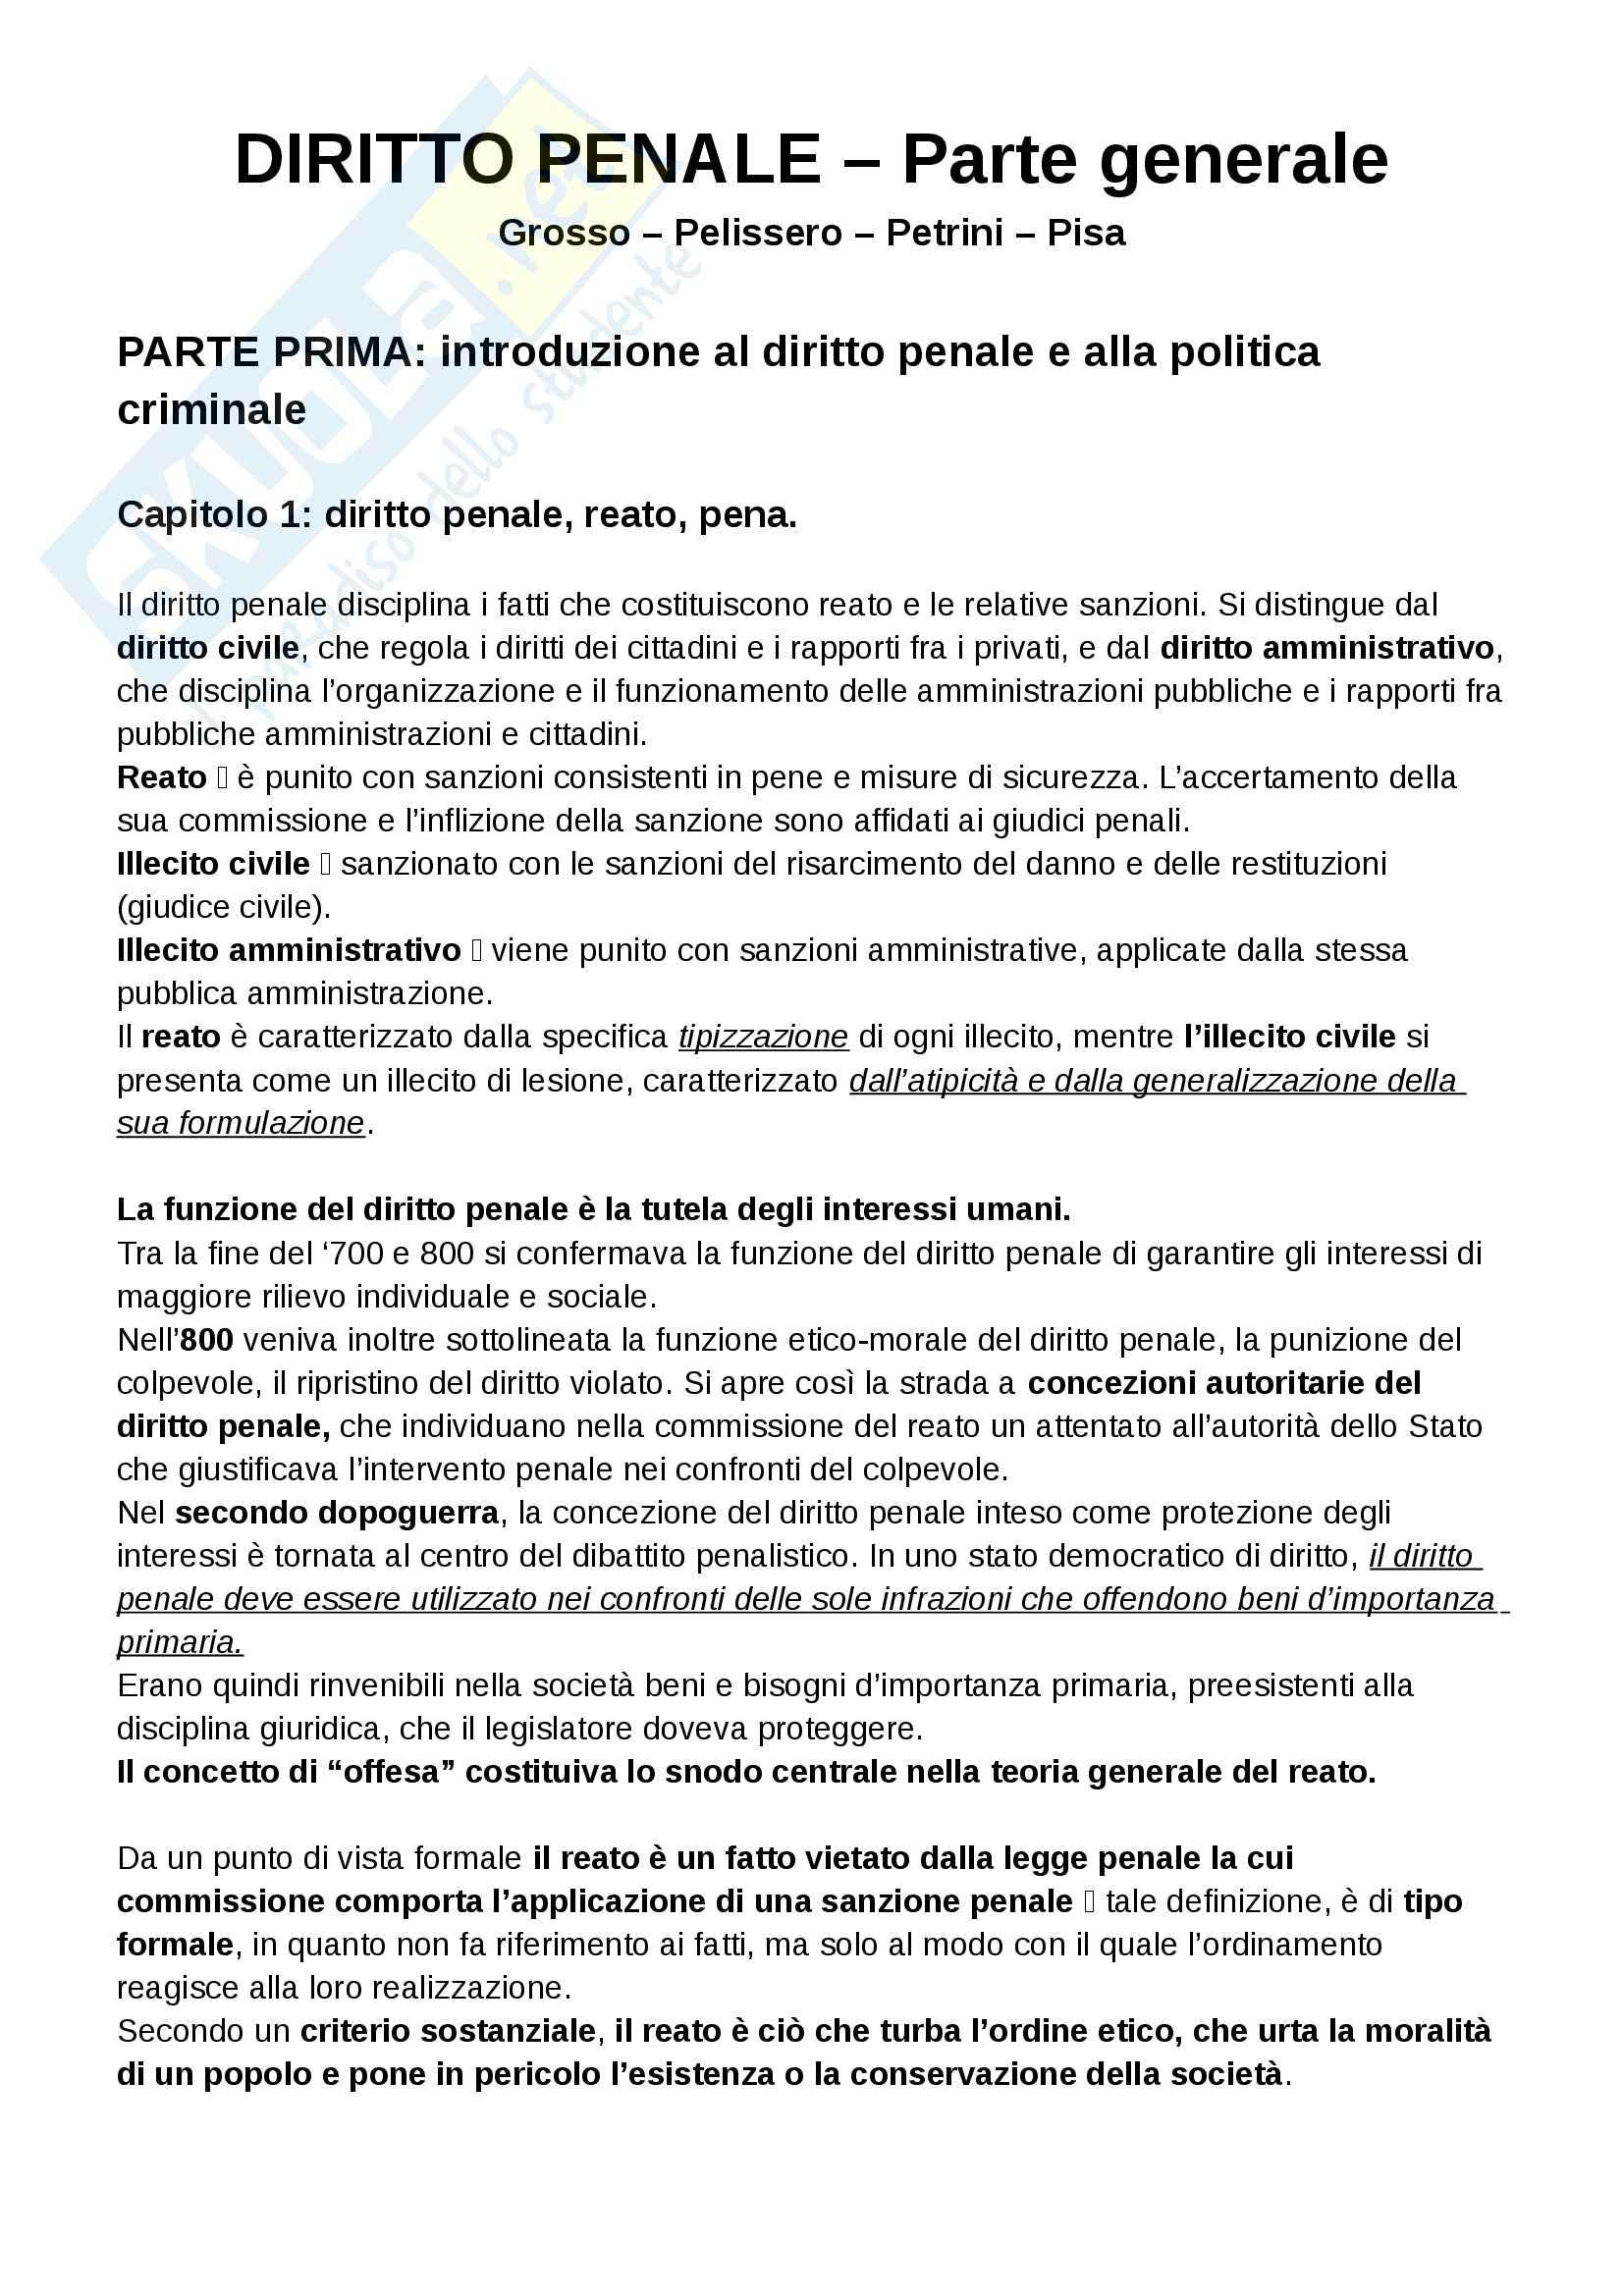 Riassunto esame Diritto Penale, prof. Falcinelli, libro consigliato Manuale di Diritto Penale - Parte generale, Grosso